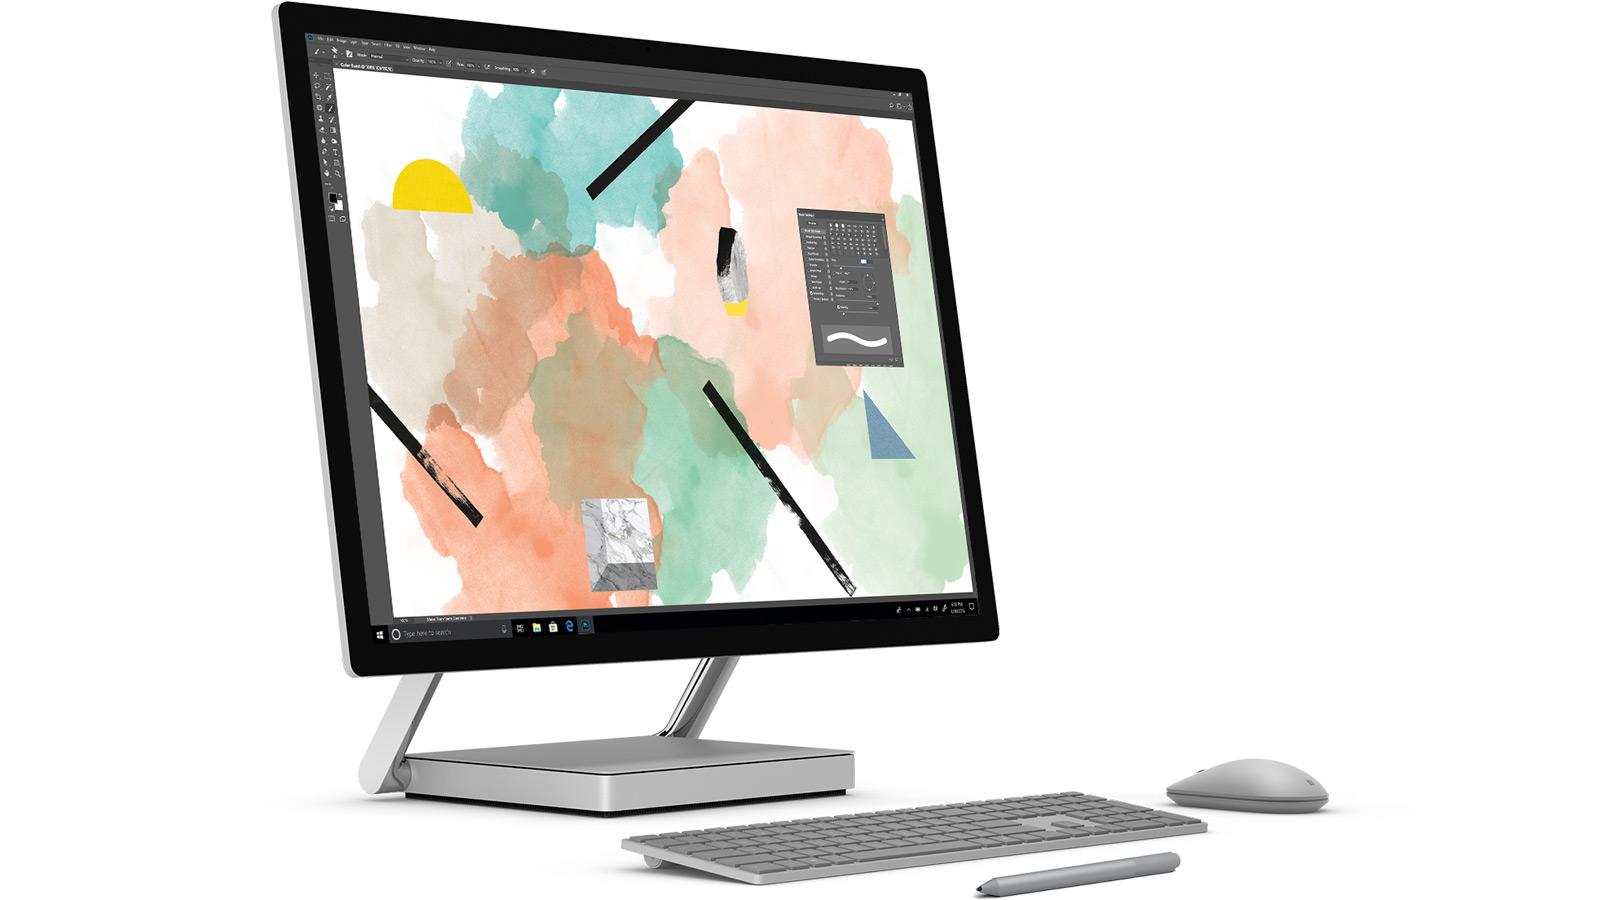 带键盘、鼠标和 Surface 触控笔的 Surface Studio